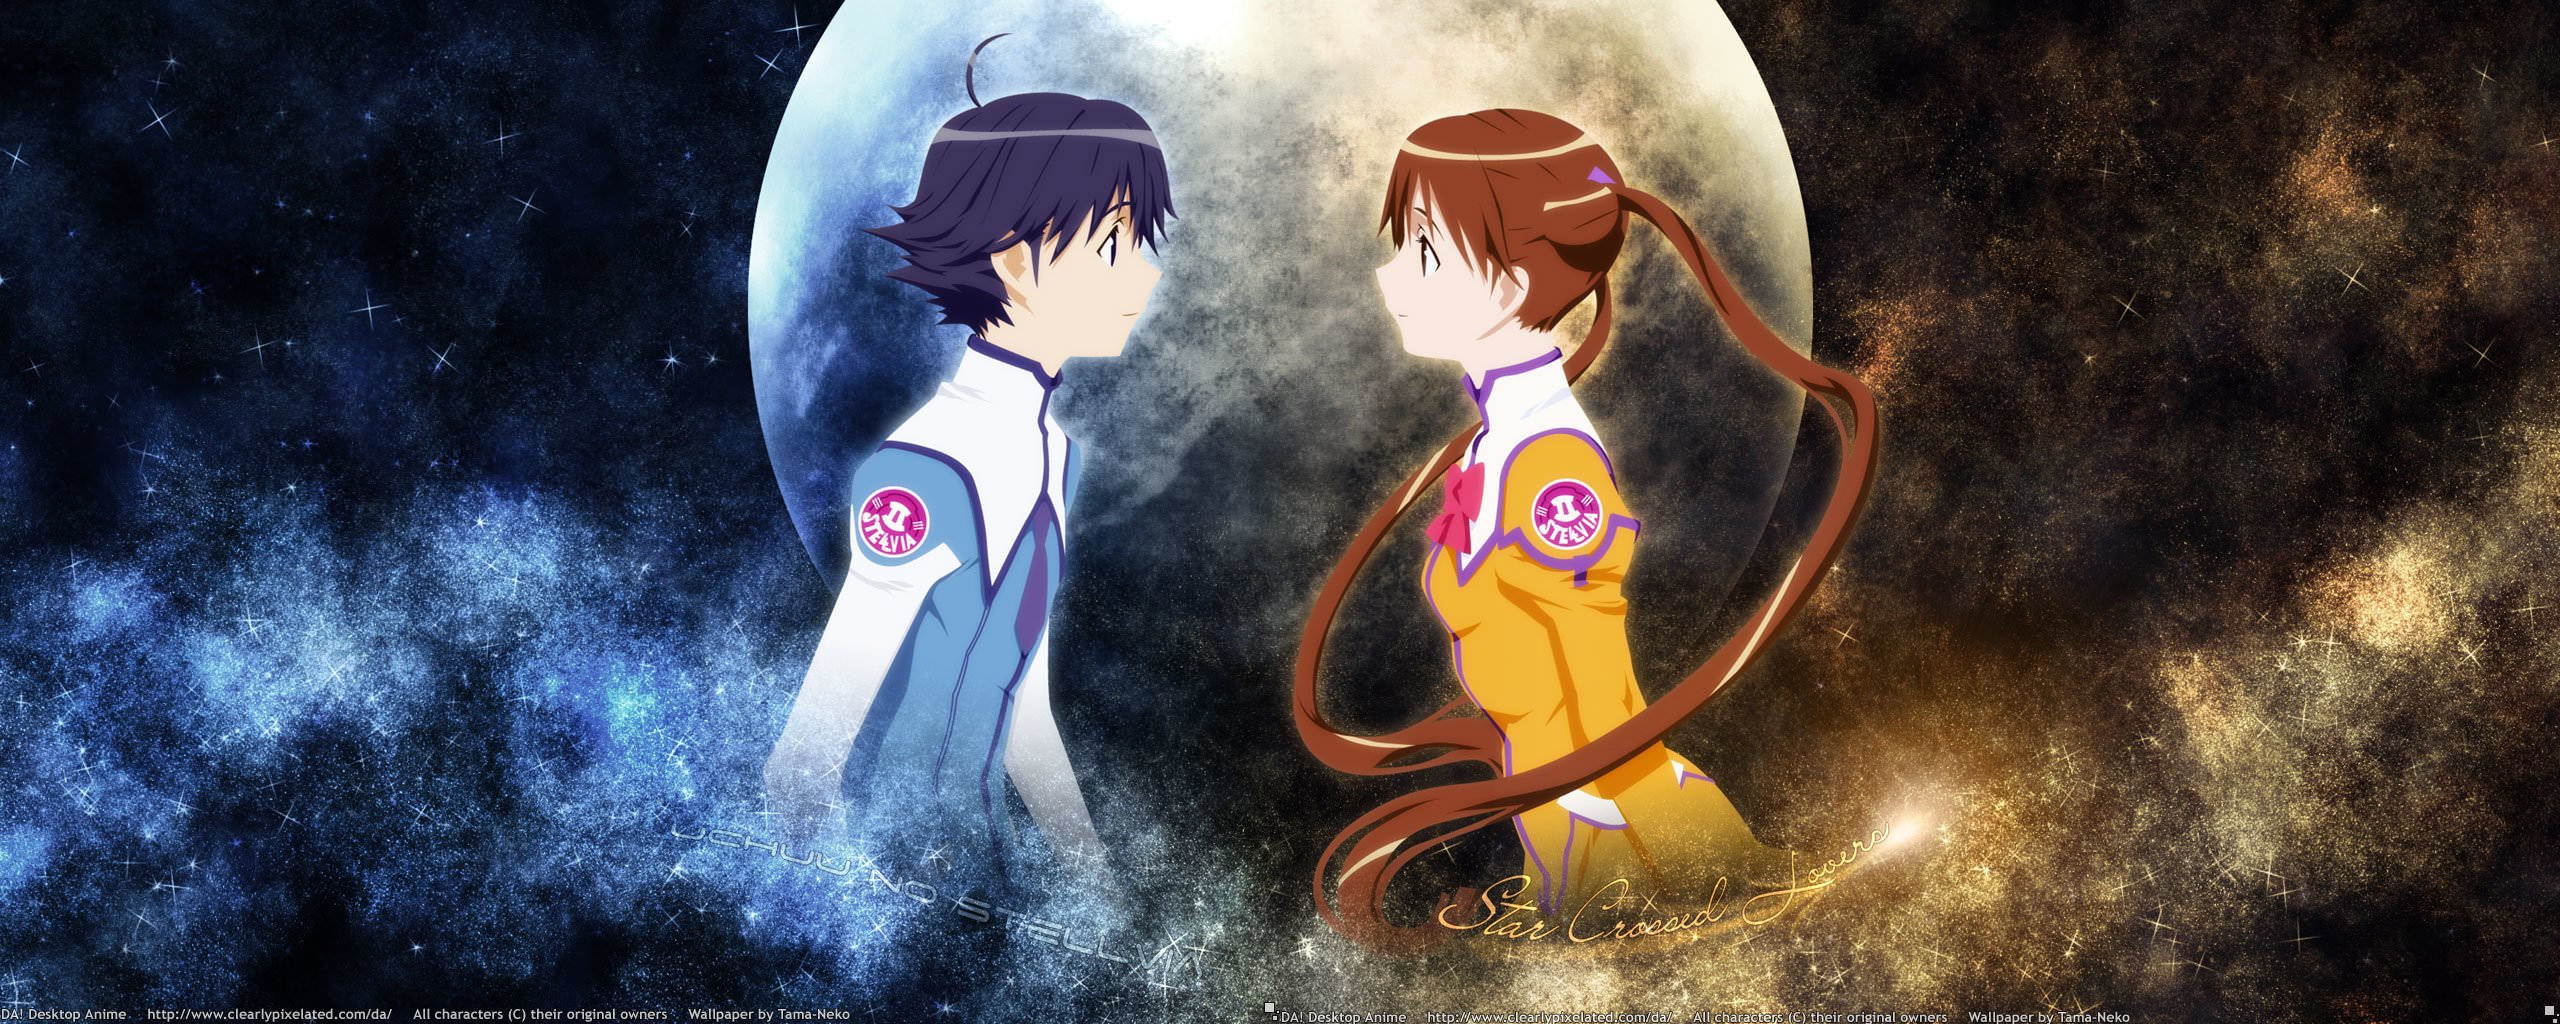 Anime Dual Screen Wallpapers Top Free Anime Dual Screen